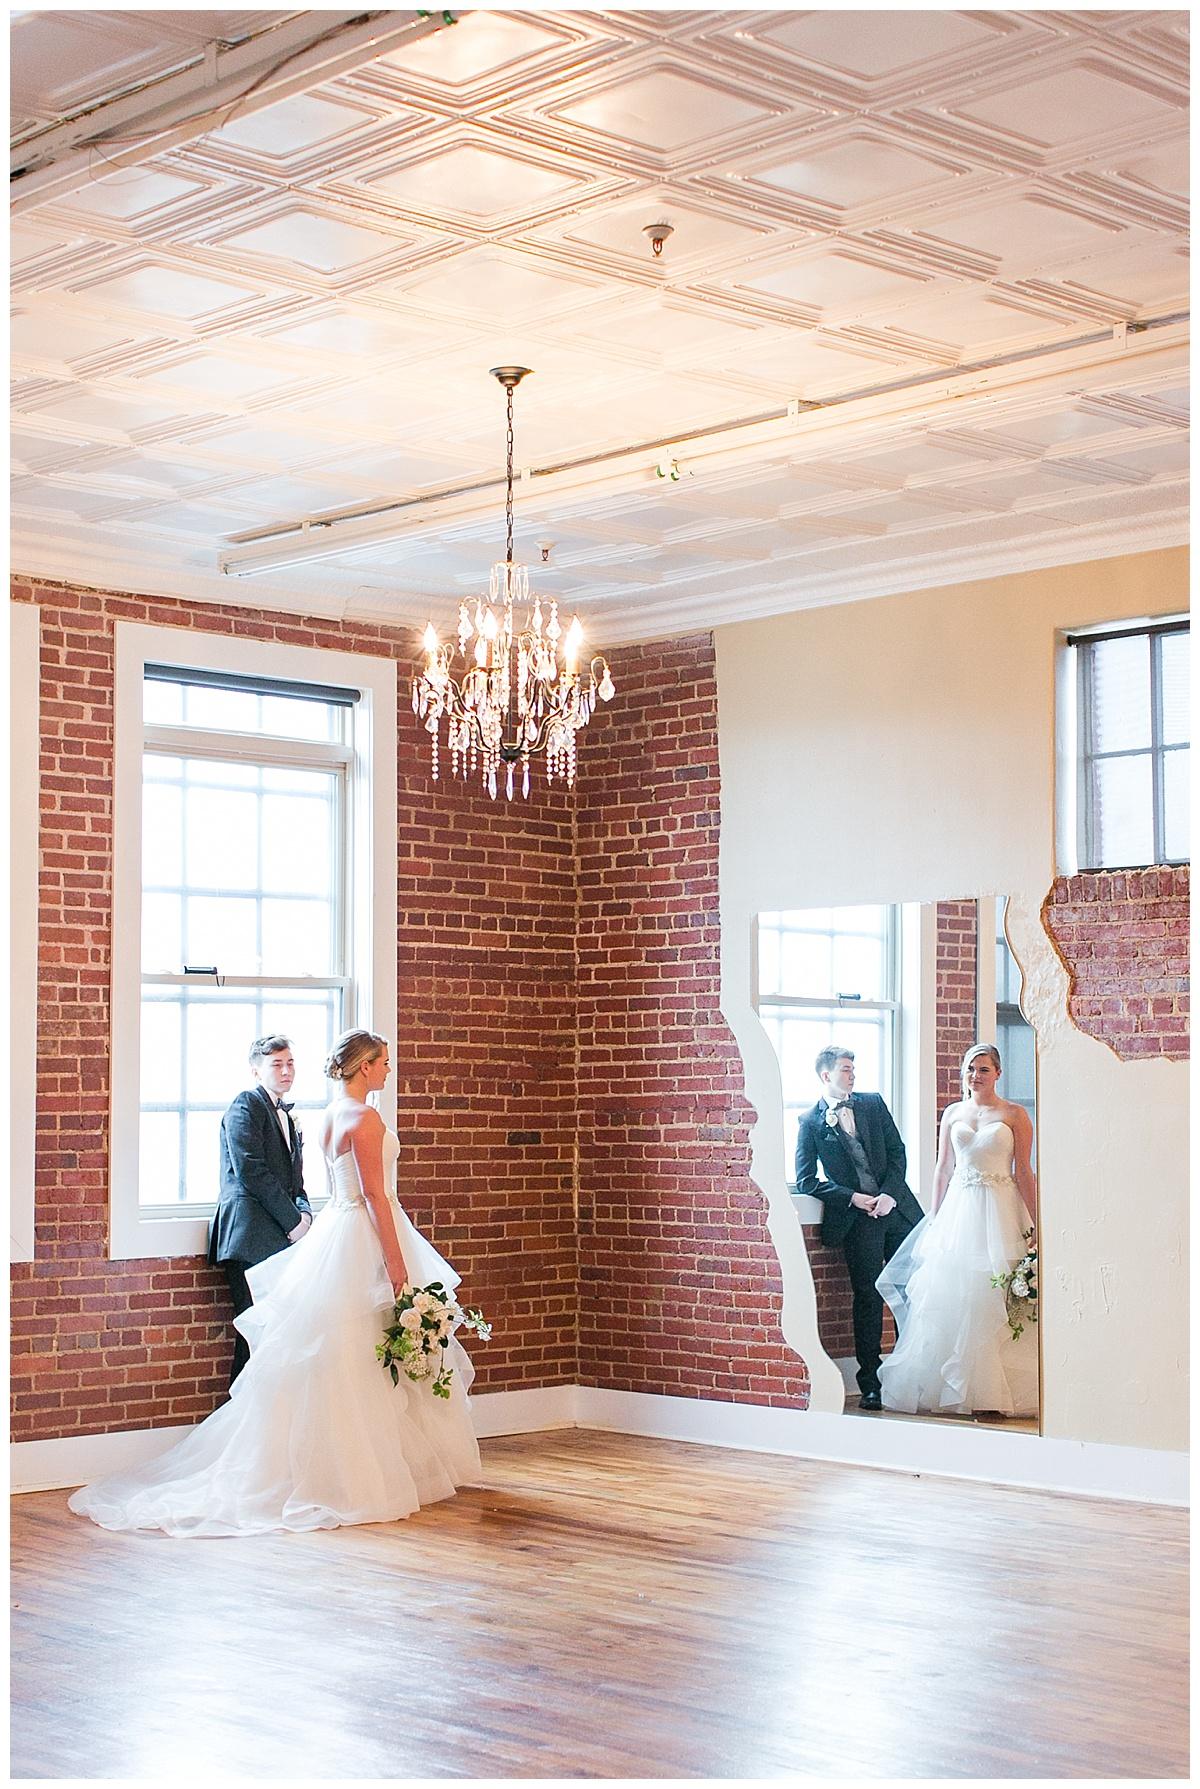 Scott's_Downtown_Monroe_Ga_Wedding_Photograpehrs_0013.jpg